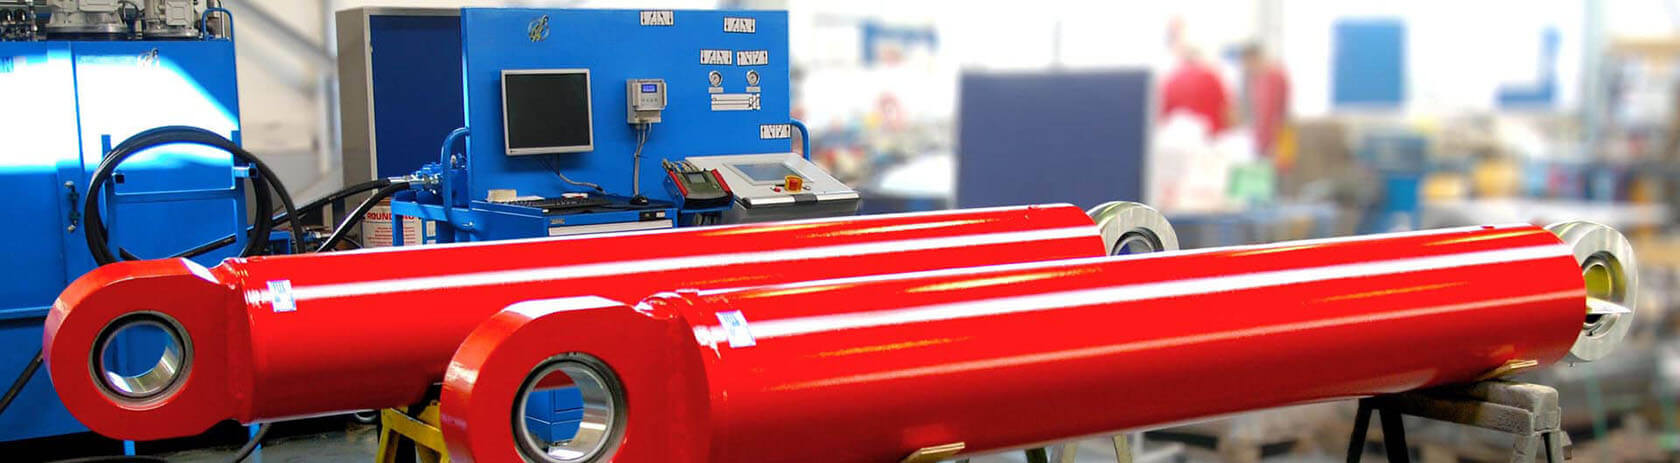 Hydraulic-Test-Bench_Quality